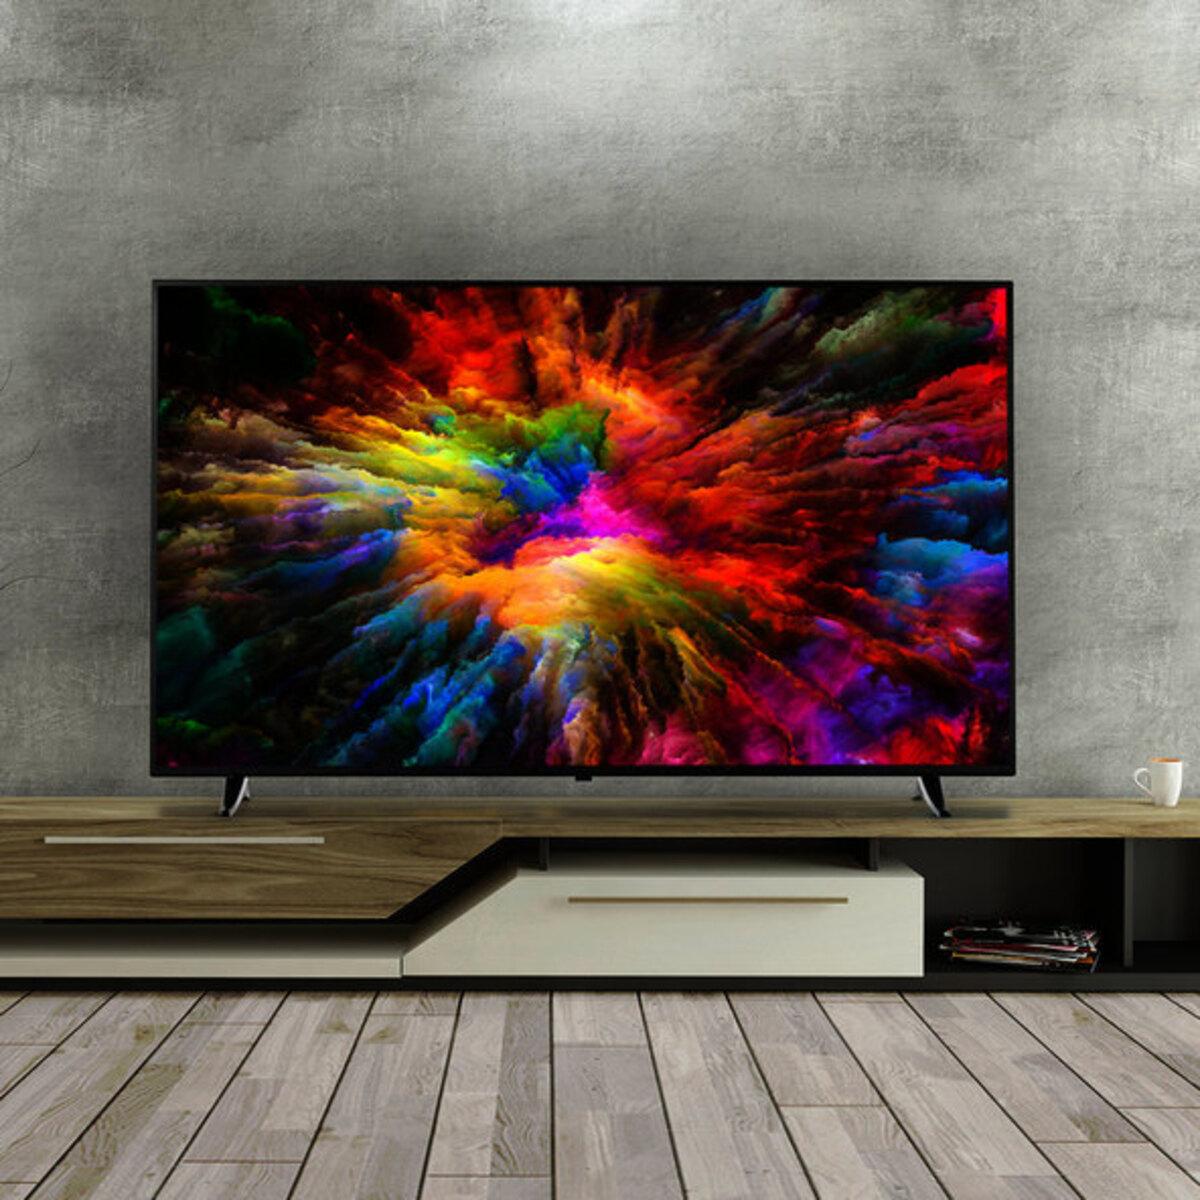 Bild 1 von UHD Smart-TV MEDION LIFE X16506, 163,8 cm (65 Zoll)